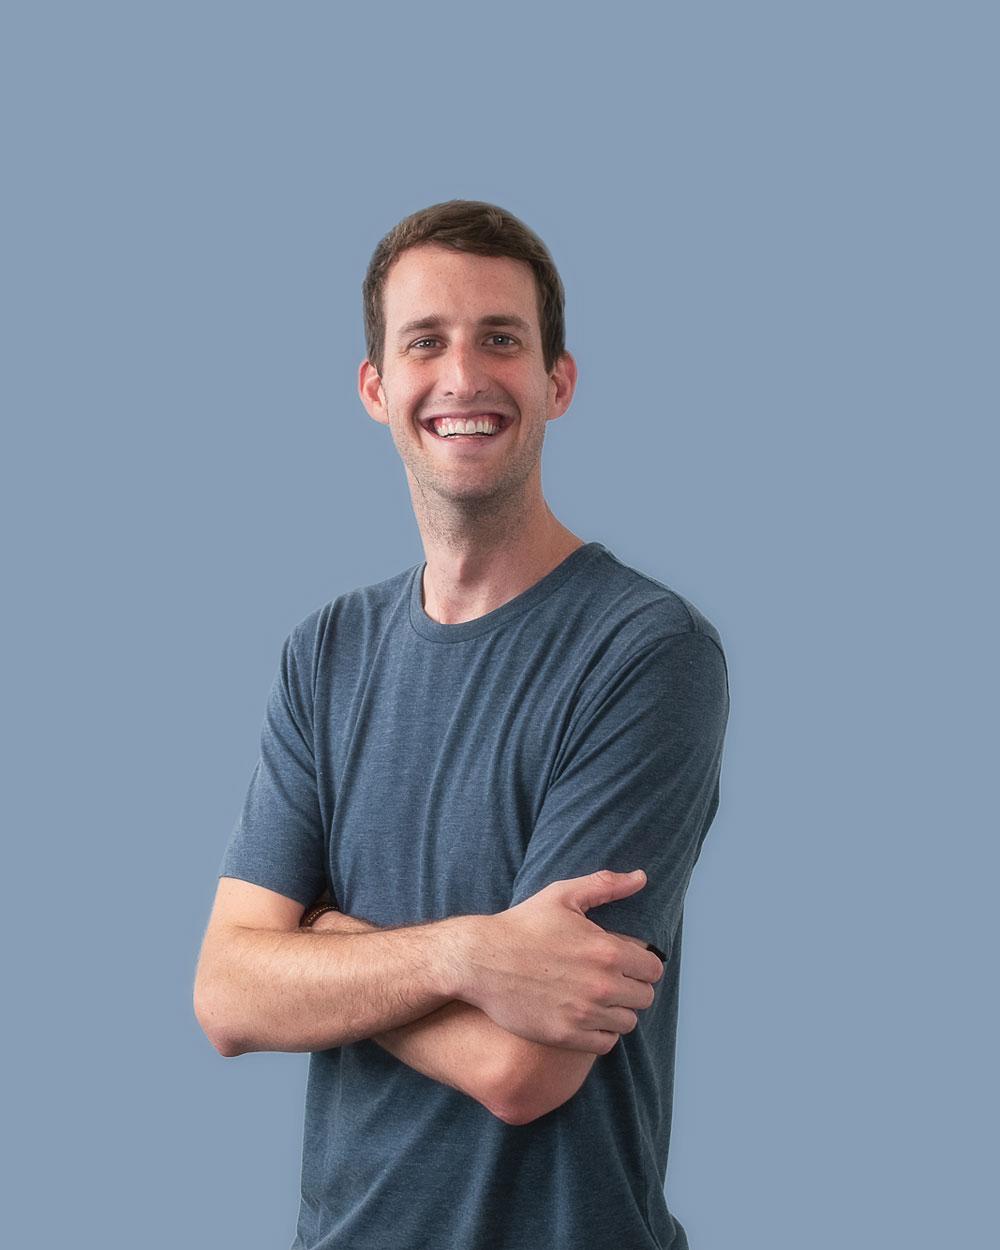 Dave Rogenmoser